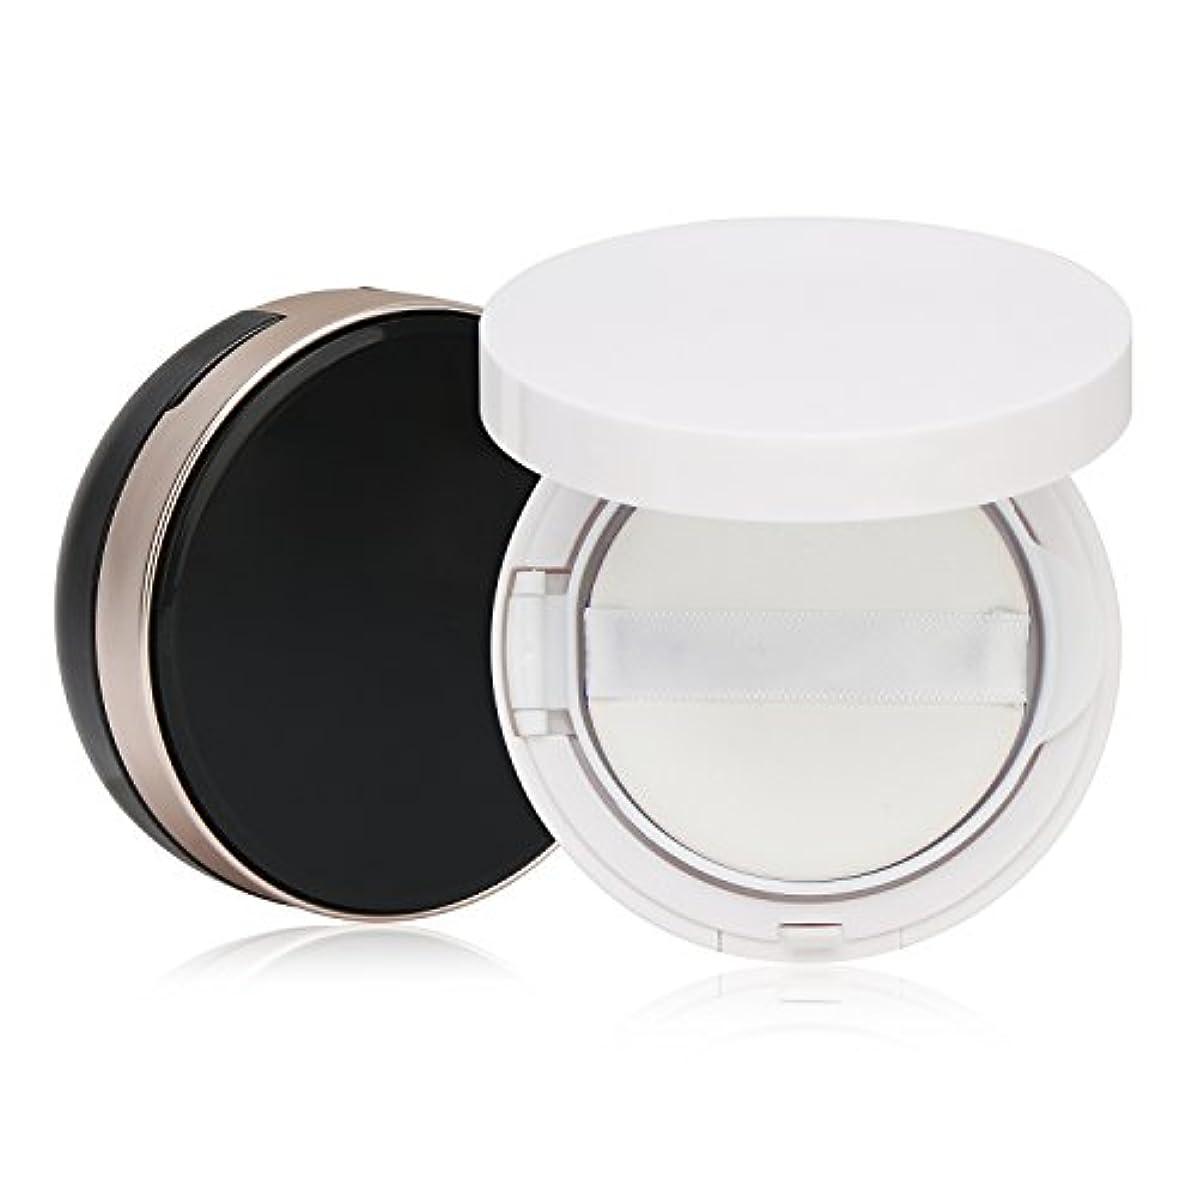 信者注ぎます詳細なSegbeauty エアクッションボックス パウダーコンテナ BBクリーム 化粧品 詰替え DIY 黒いと白いのセット